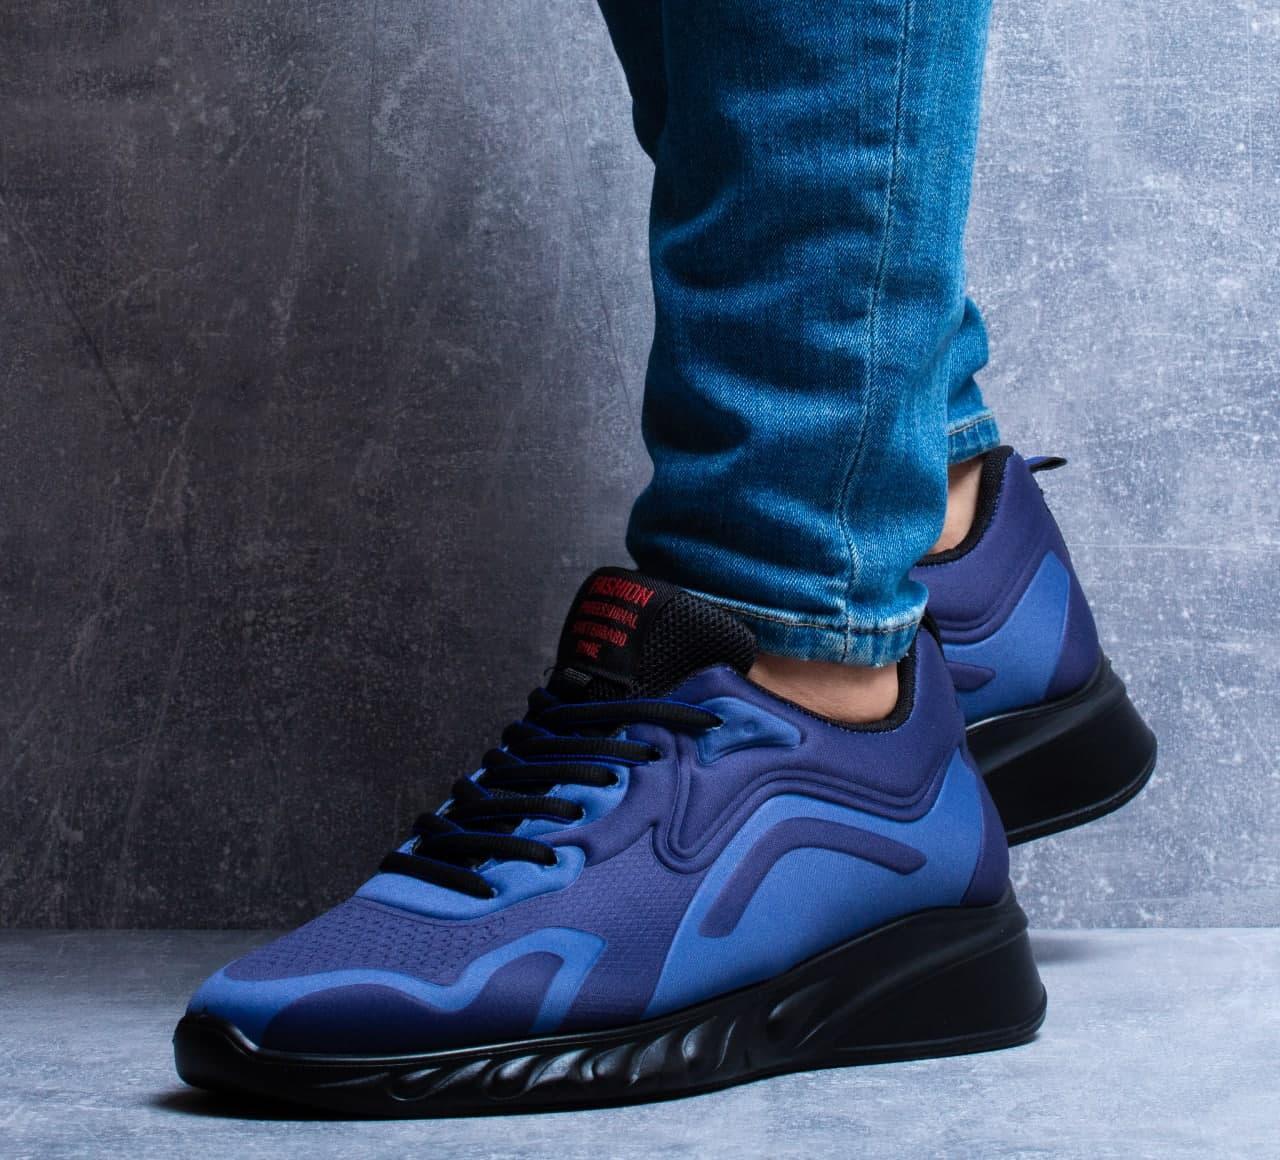 Мужские кроссовки Fashion (сине-черные) легкие текстильные кроссы 0285